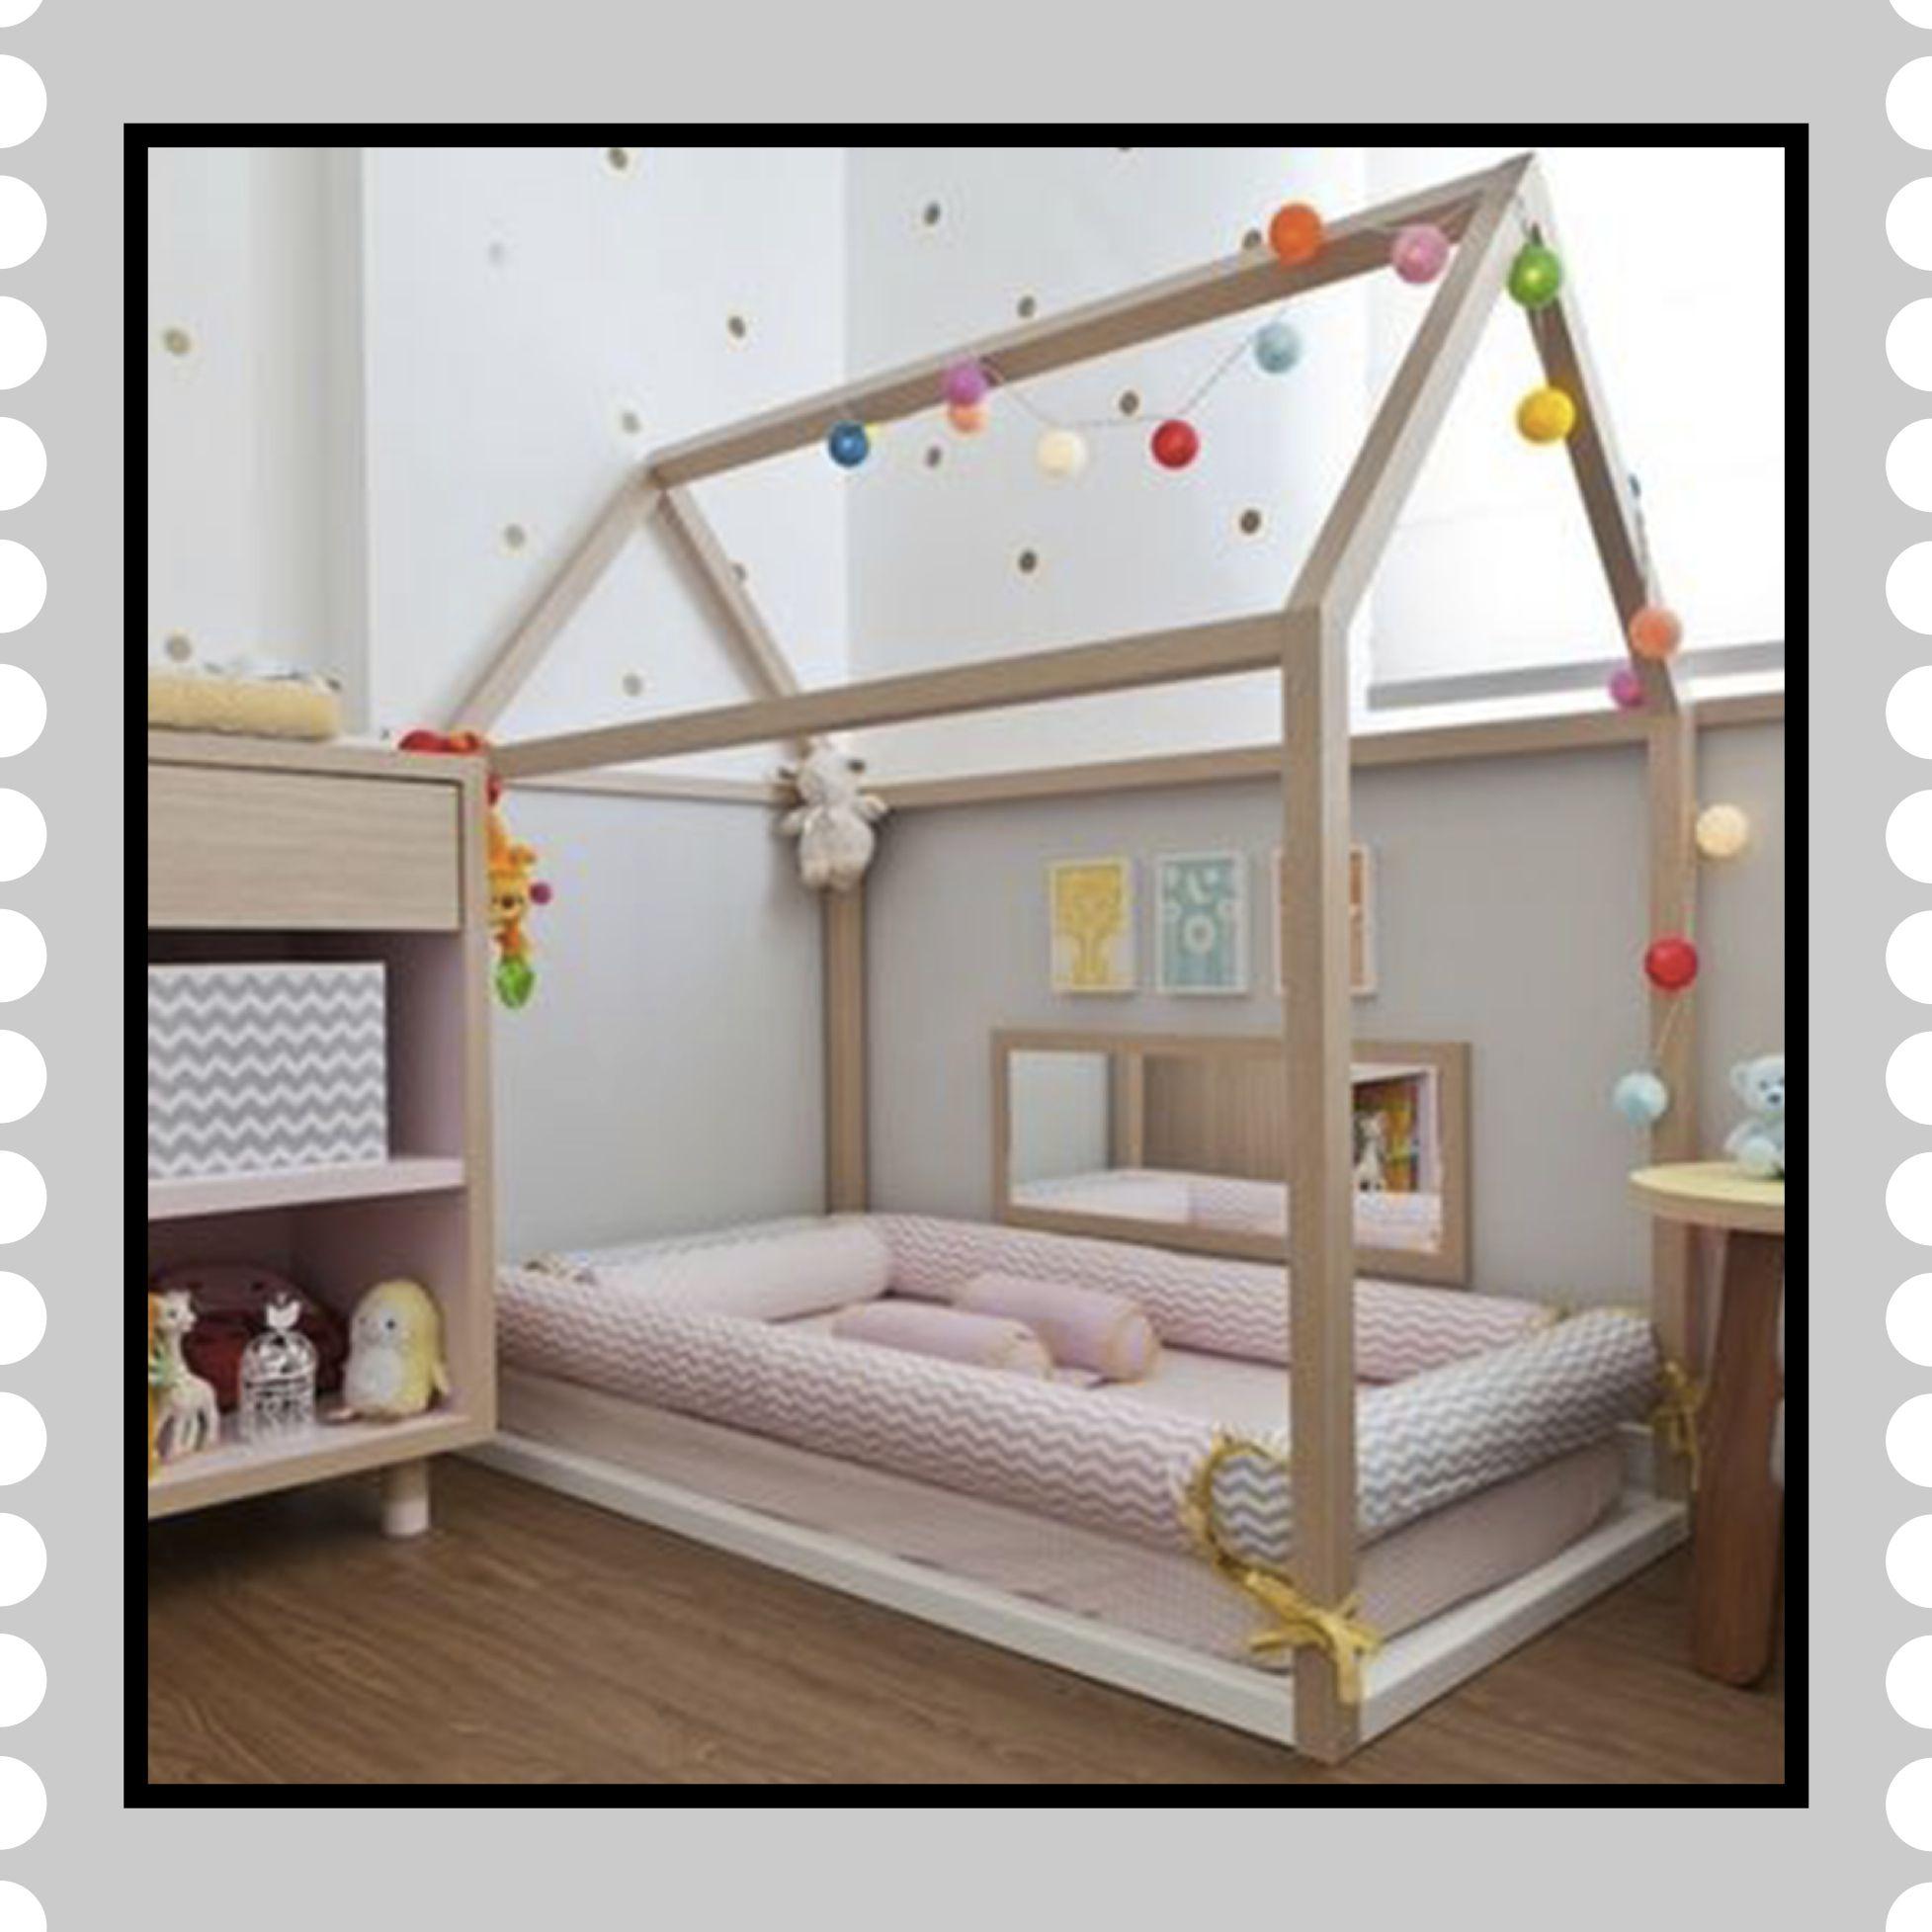 55 Best Boys Rooms Images On Pinterest: The House, Um Novo Conceito De Loja Para Sua Casa! Linha